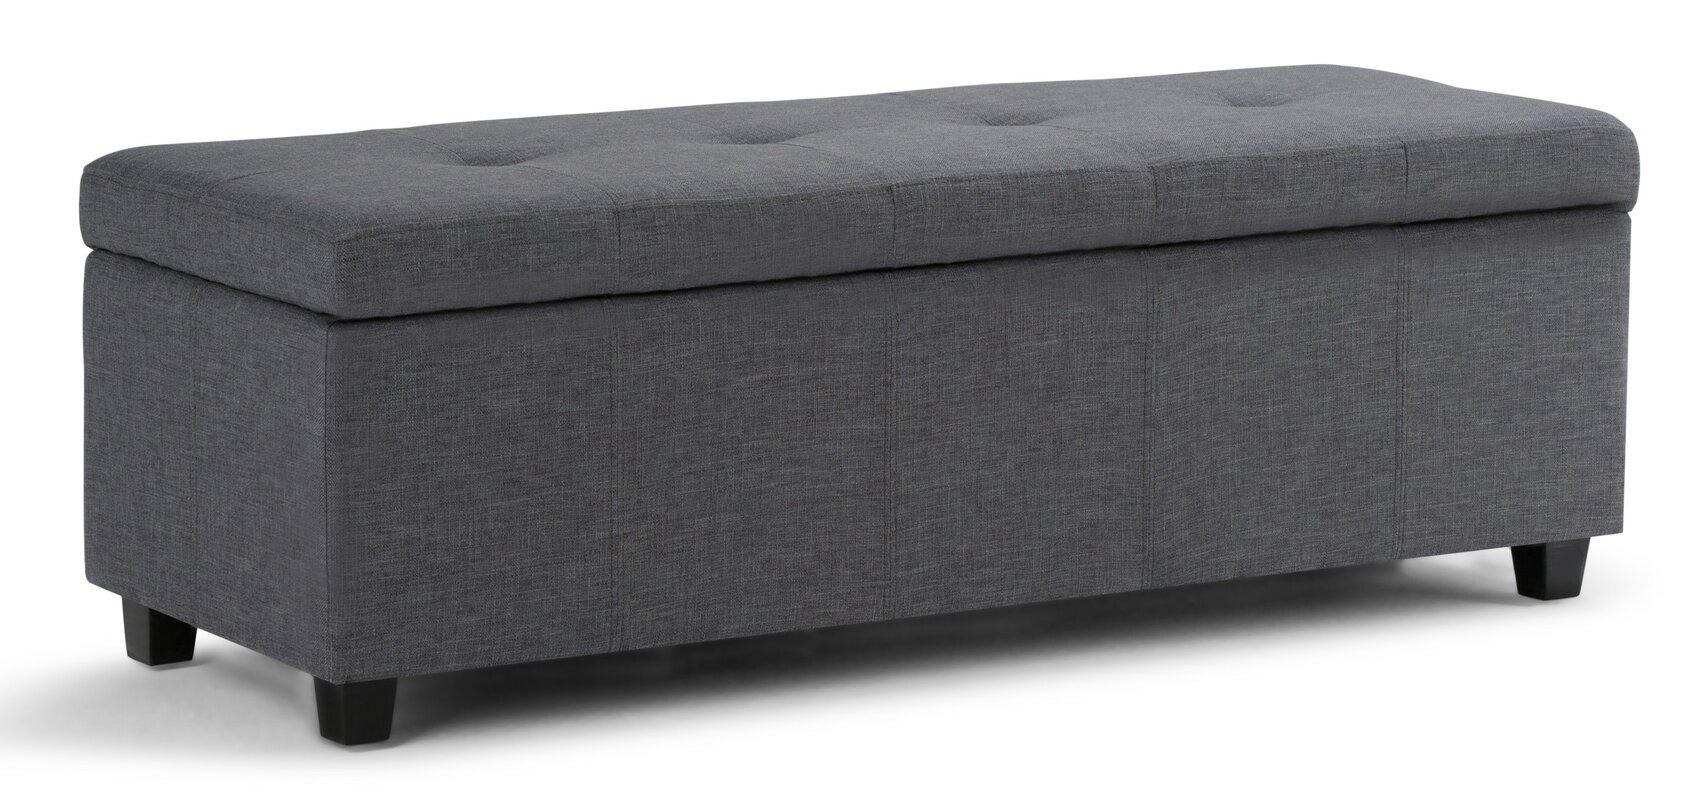 castleford upholstered storage bench. simpli home castleford upholstered storage bench  reviews  wayfair